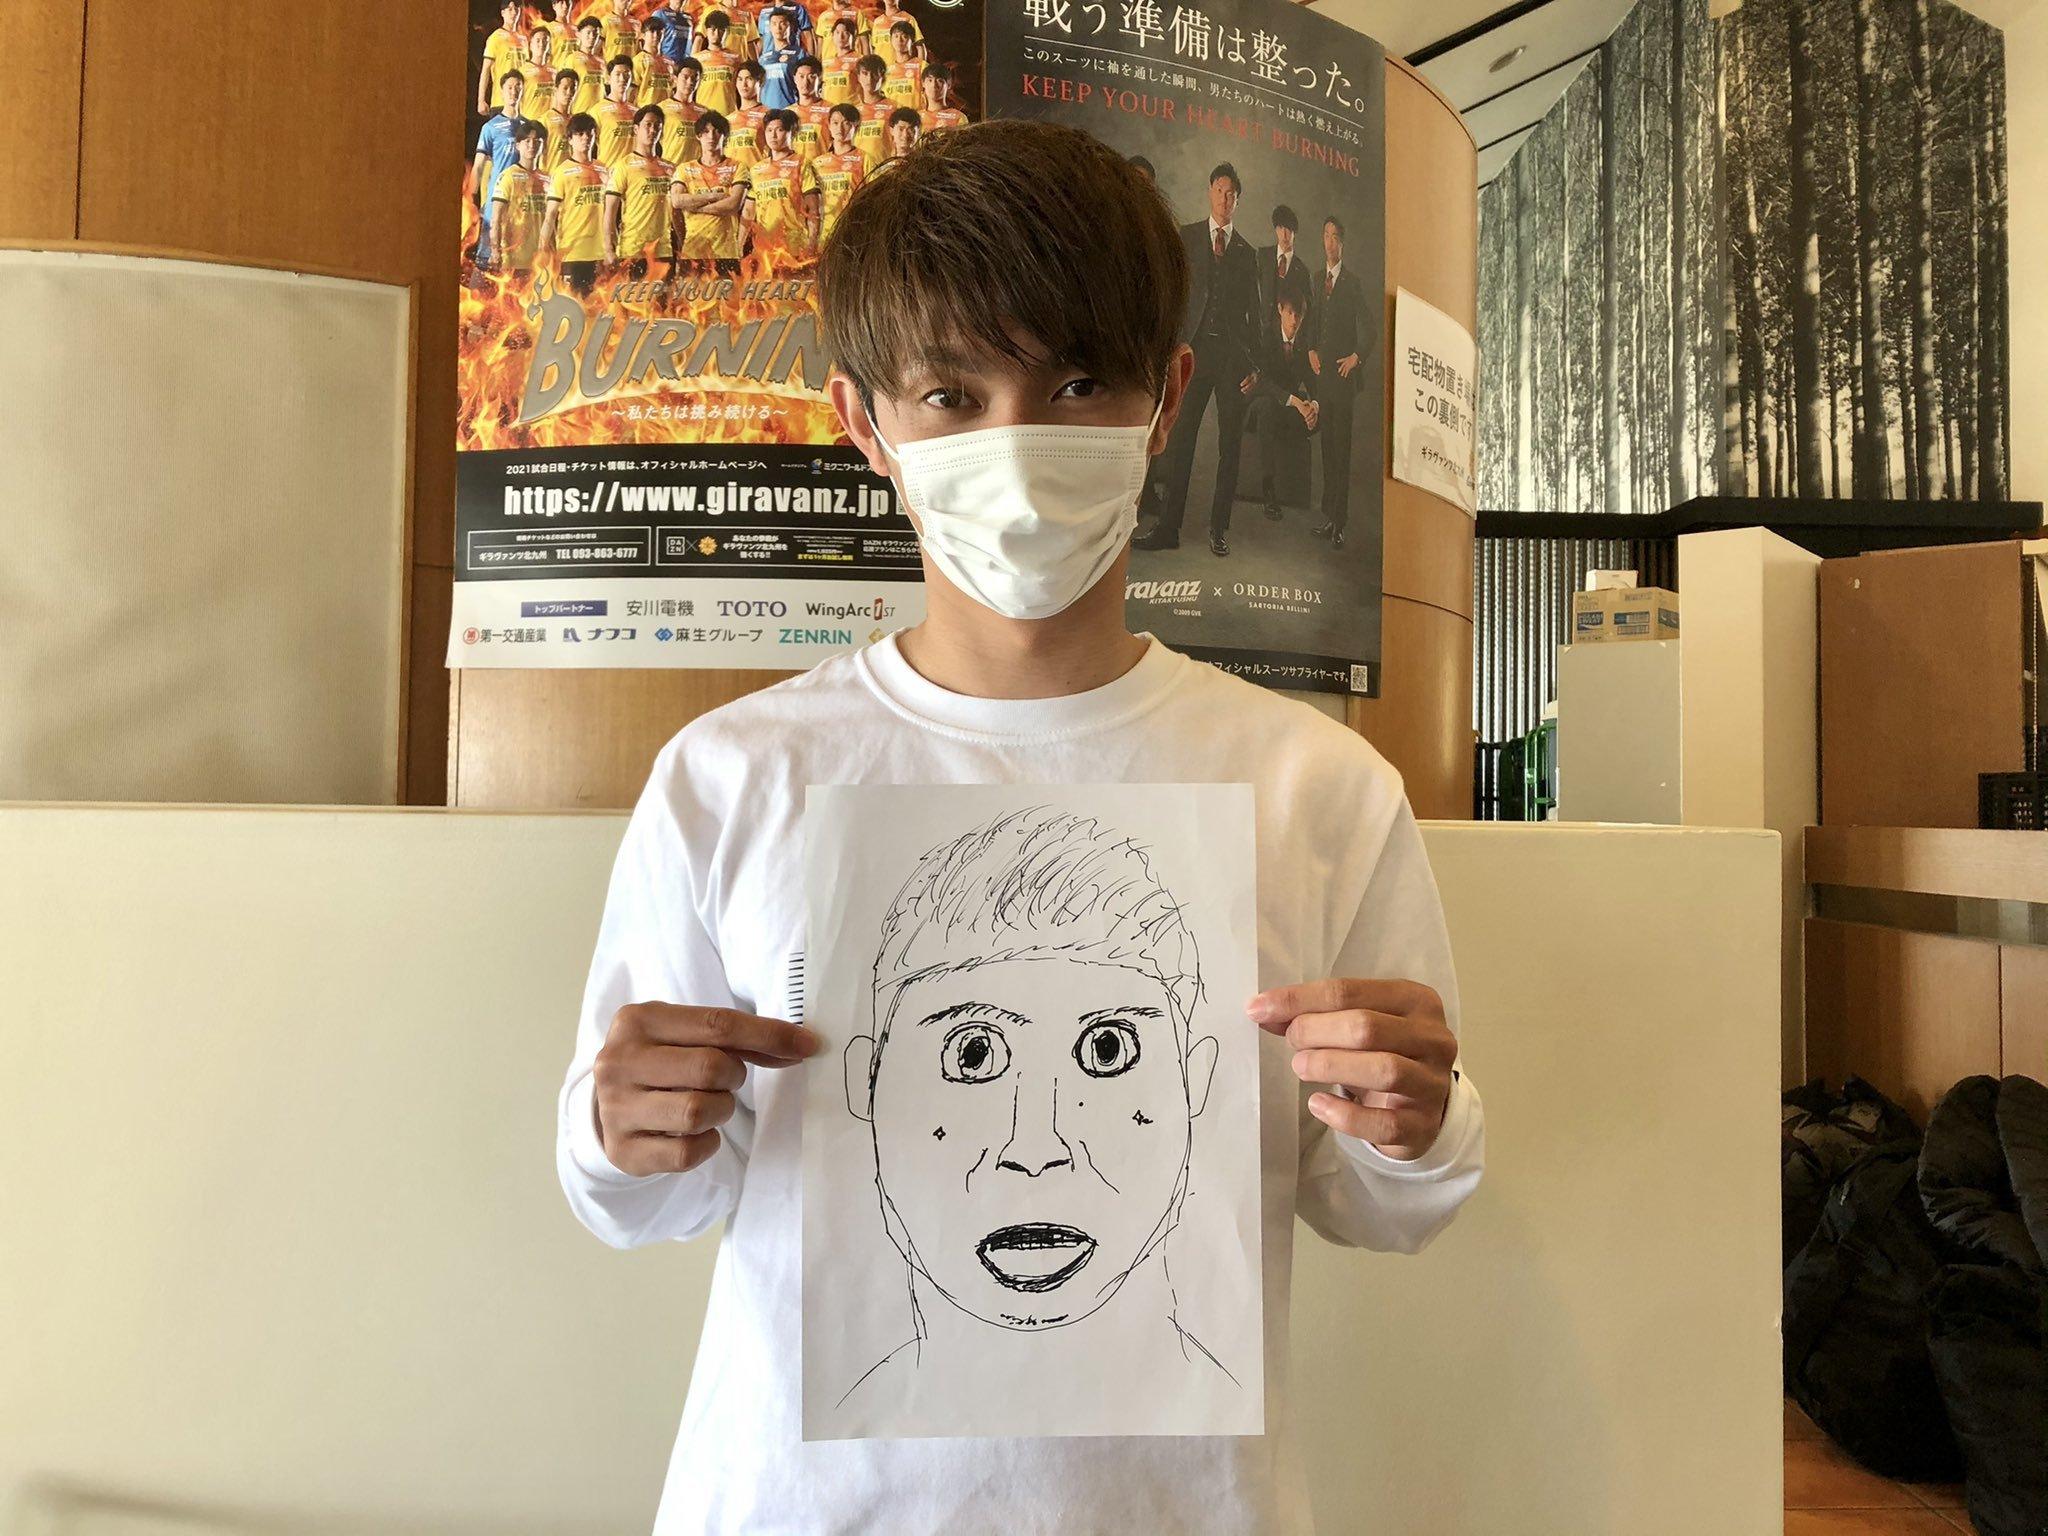 Чемпионат по обжорству и конкурс детских рисунков: как японский клуб заманивает болельщиков (+Фото, Видео) - изображение 11